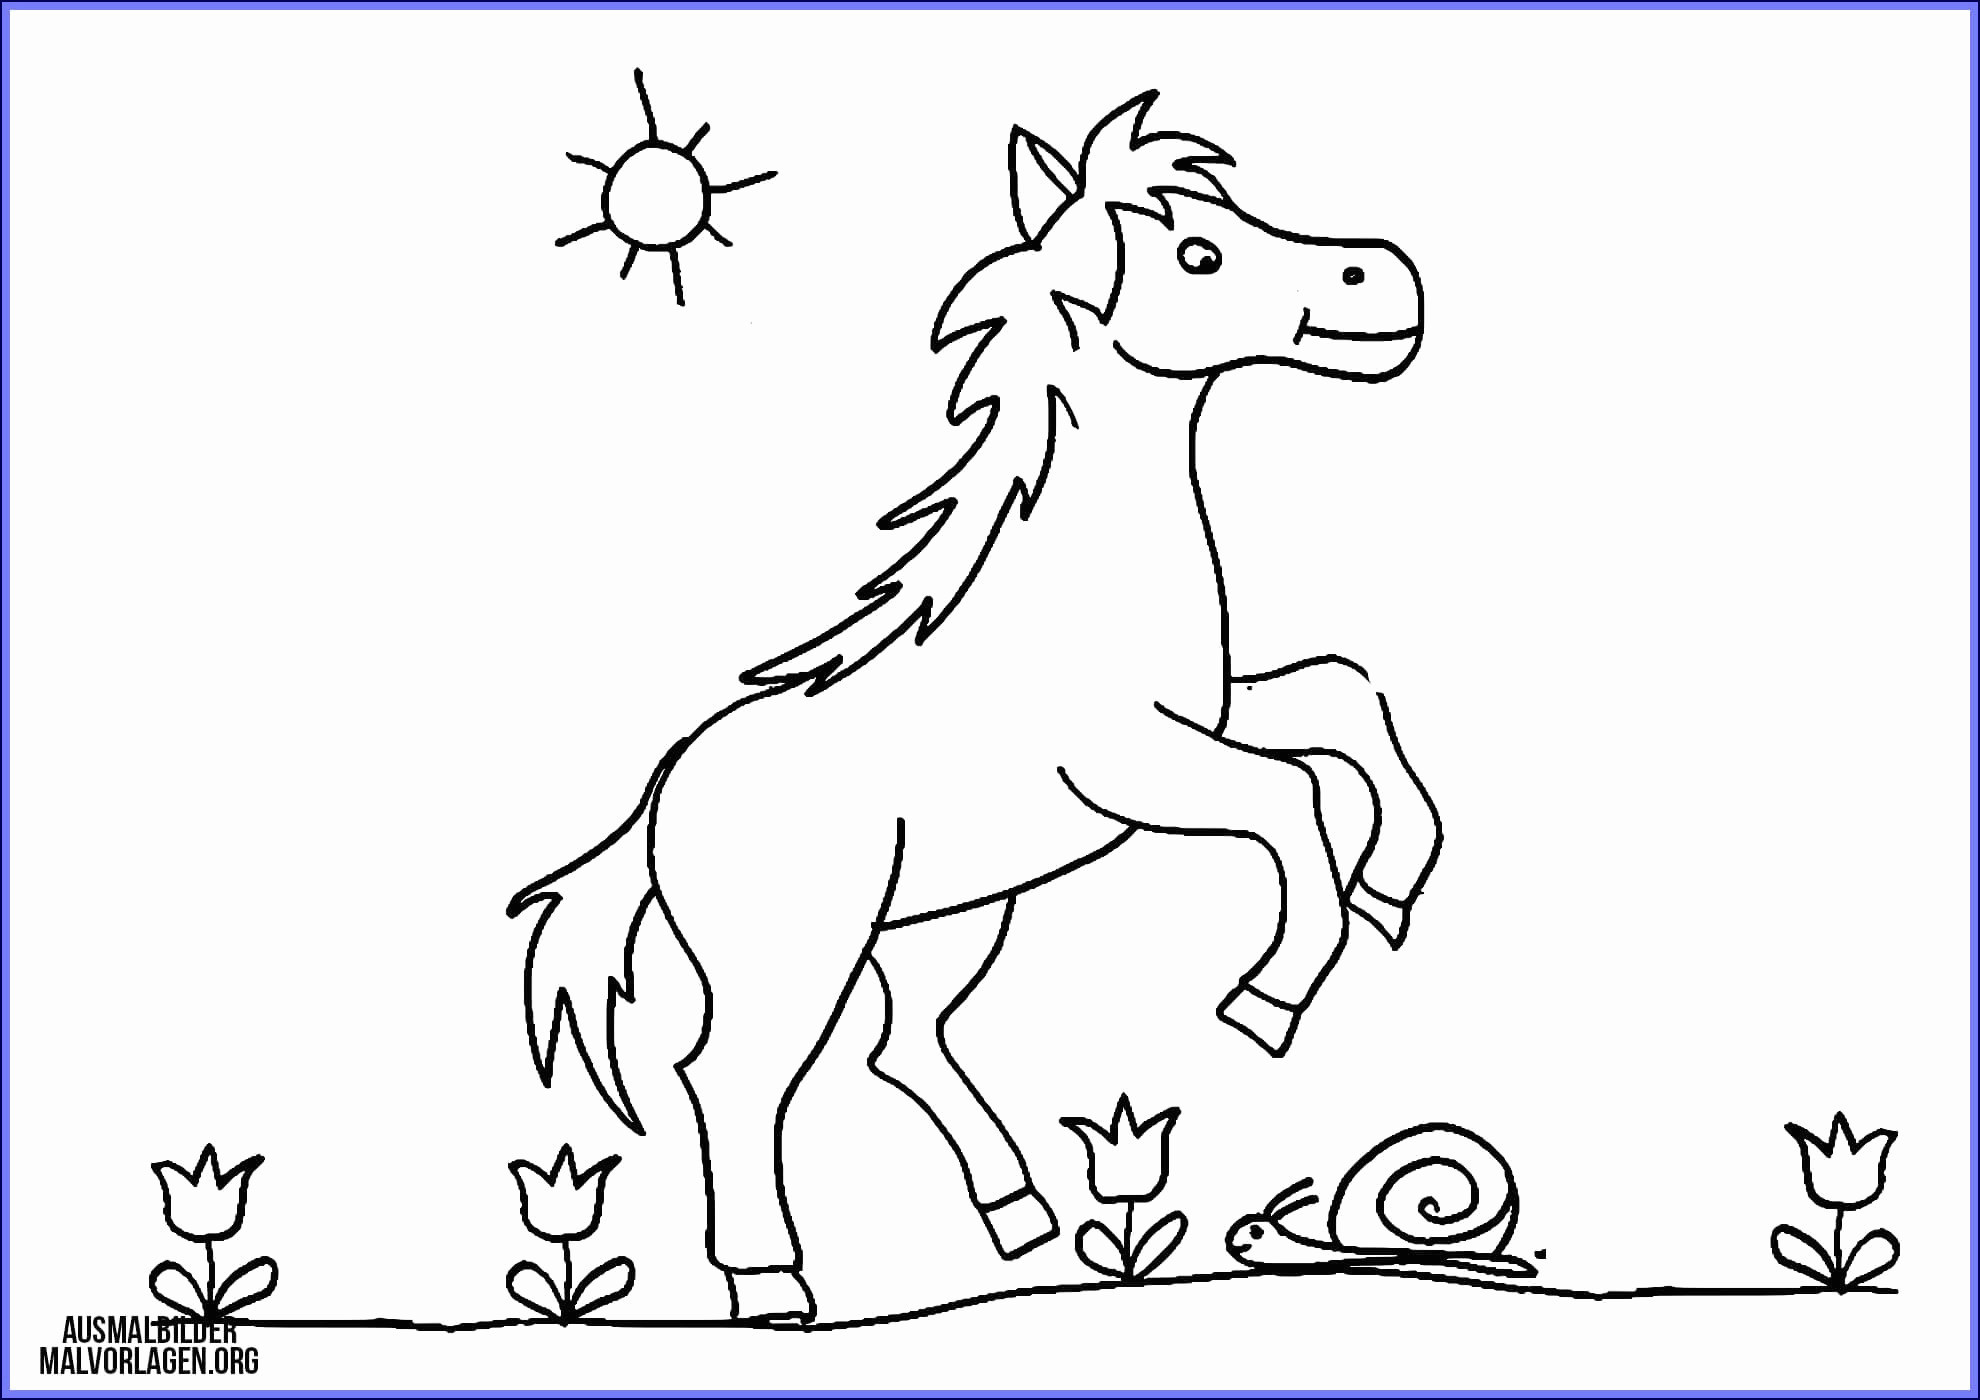 Ausmalbilder Filly Pferde Genial Filly Pferd Ausmalbilder Schön 42 Neu Bild Von Ausmalbilder Von Galerie